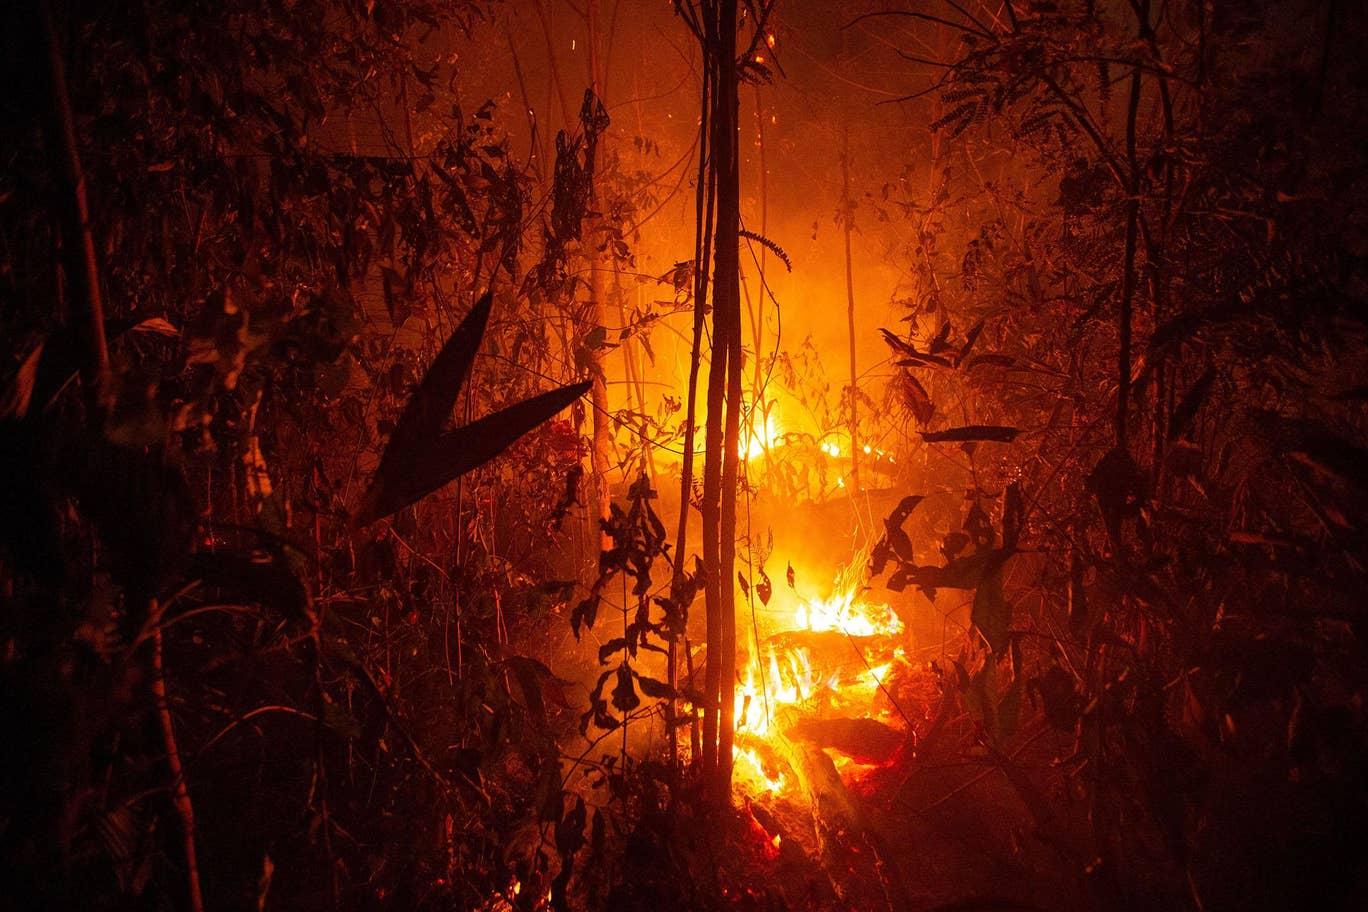 Forest Fire Destruction Of The Amazon Rainforest